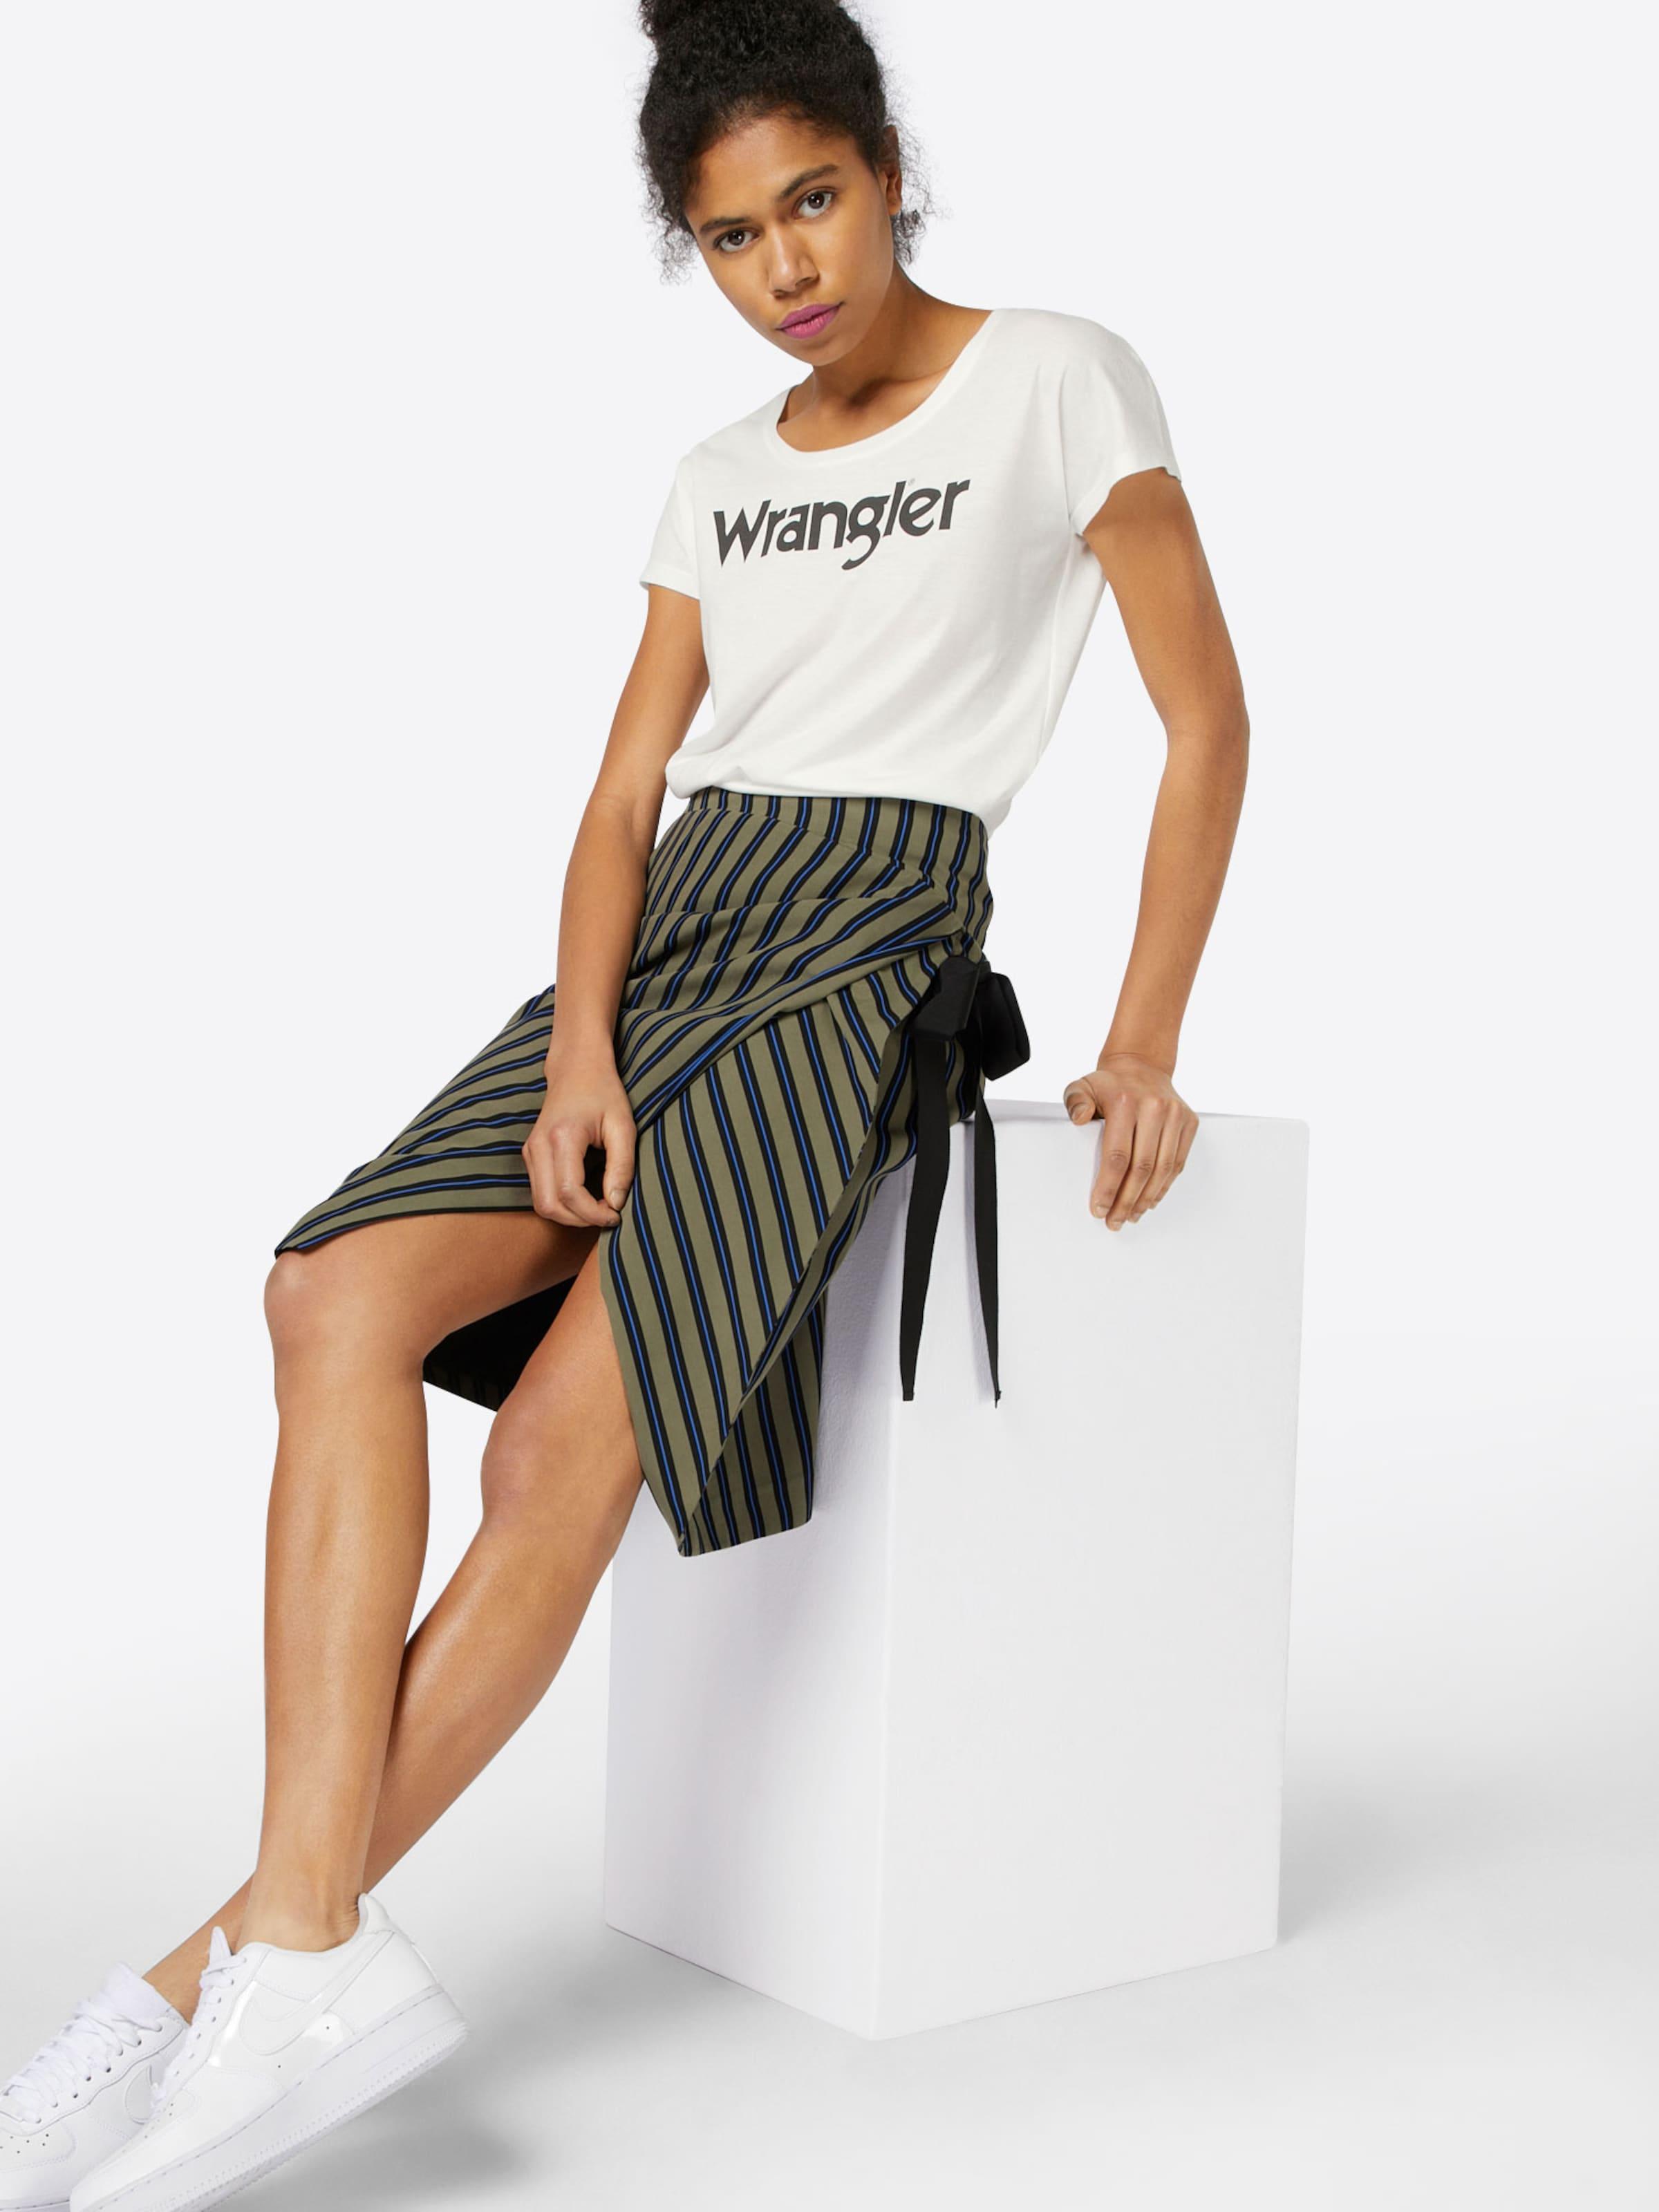 WRANGLER T-shirt 'LOGO' Beliebt Günstig Online Besuchen Neue Online Kauf Zum Verkauf Footaction Zum Verkauf Outlet Günstigen Preisen wFCVdJdu